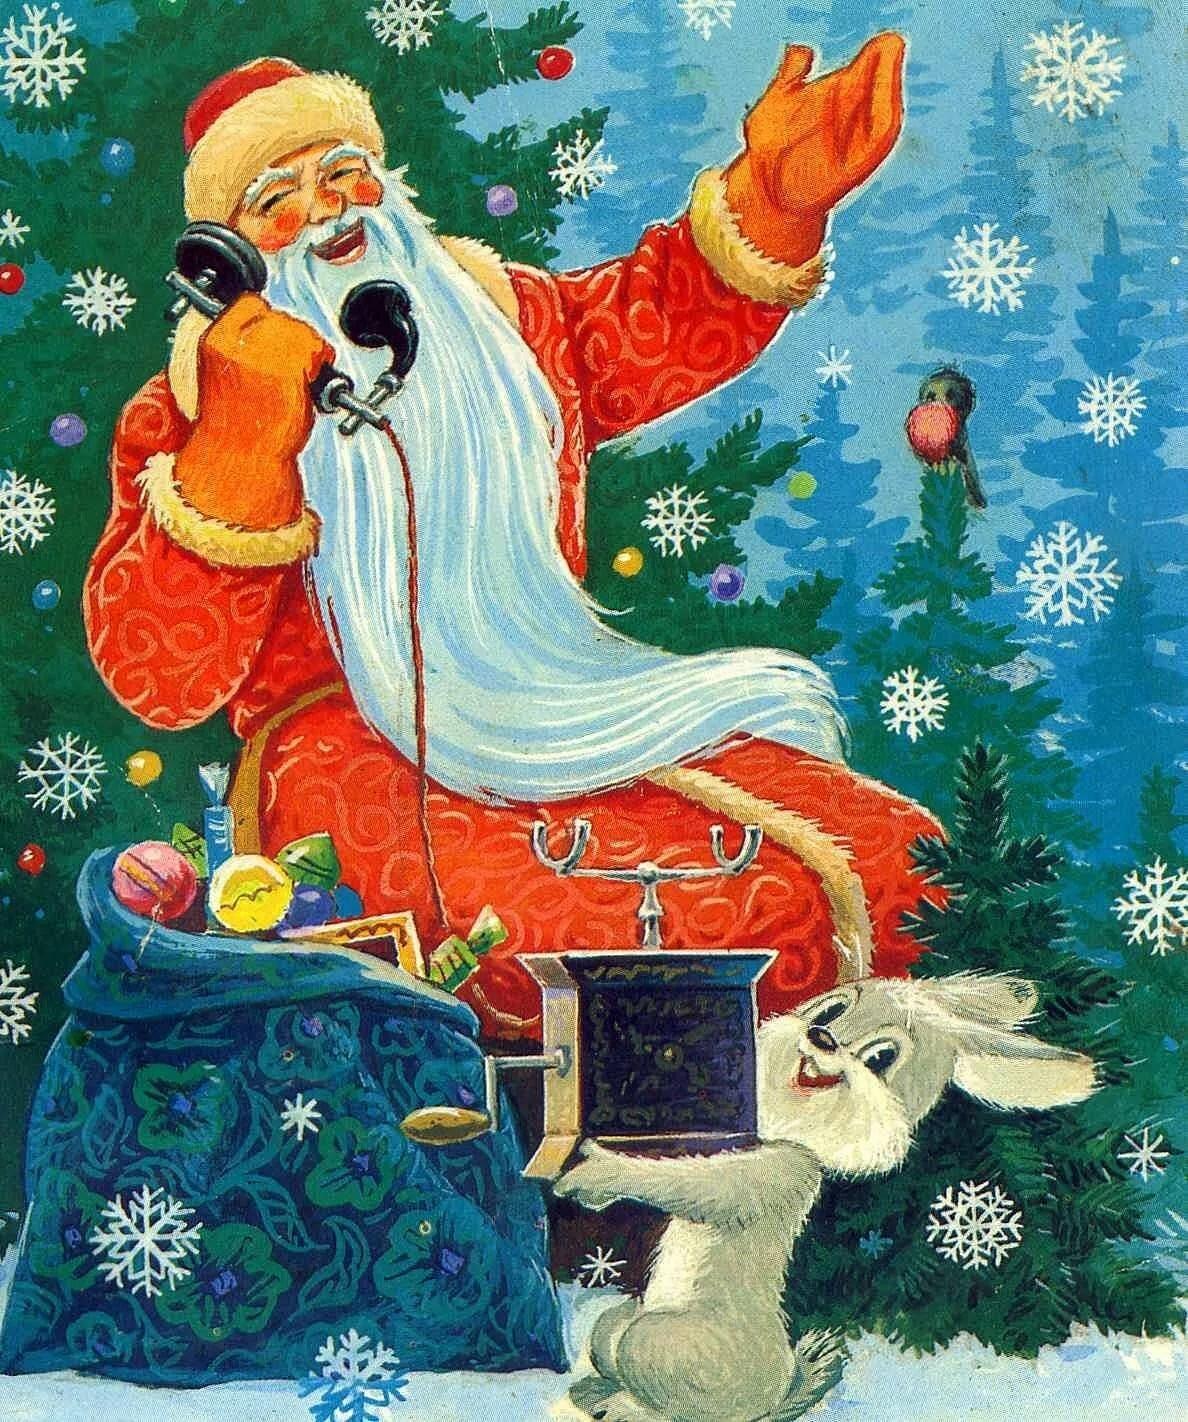 новогодняя открытка дед мороз новогодние затянуто так, чтобы